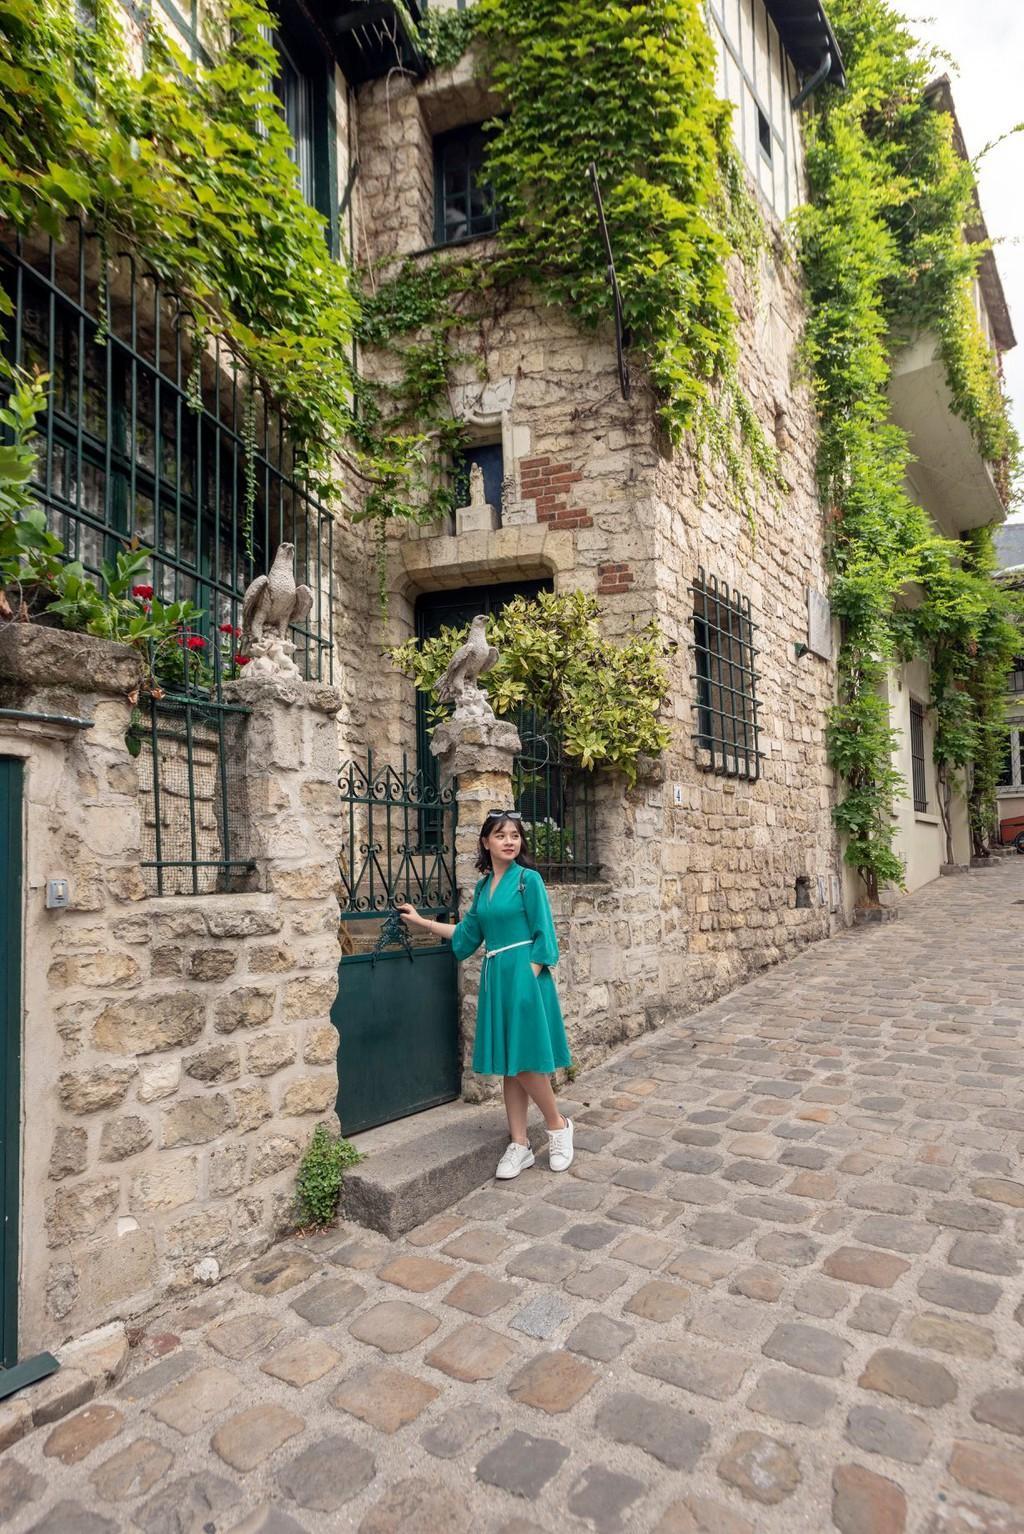 9X thực hiện giấc mơ Paris trong chuyến đi mùa thu Ảnh 5